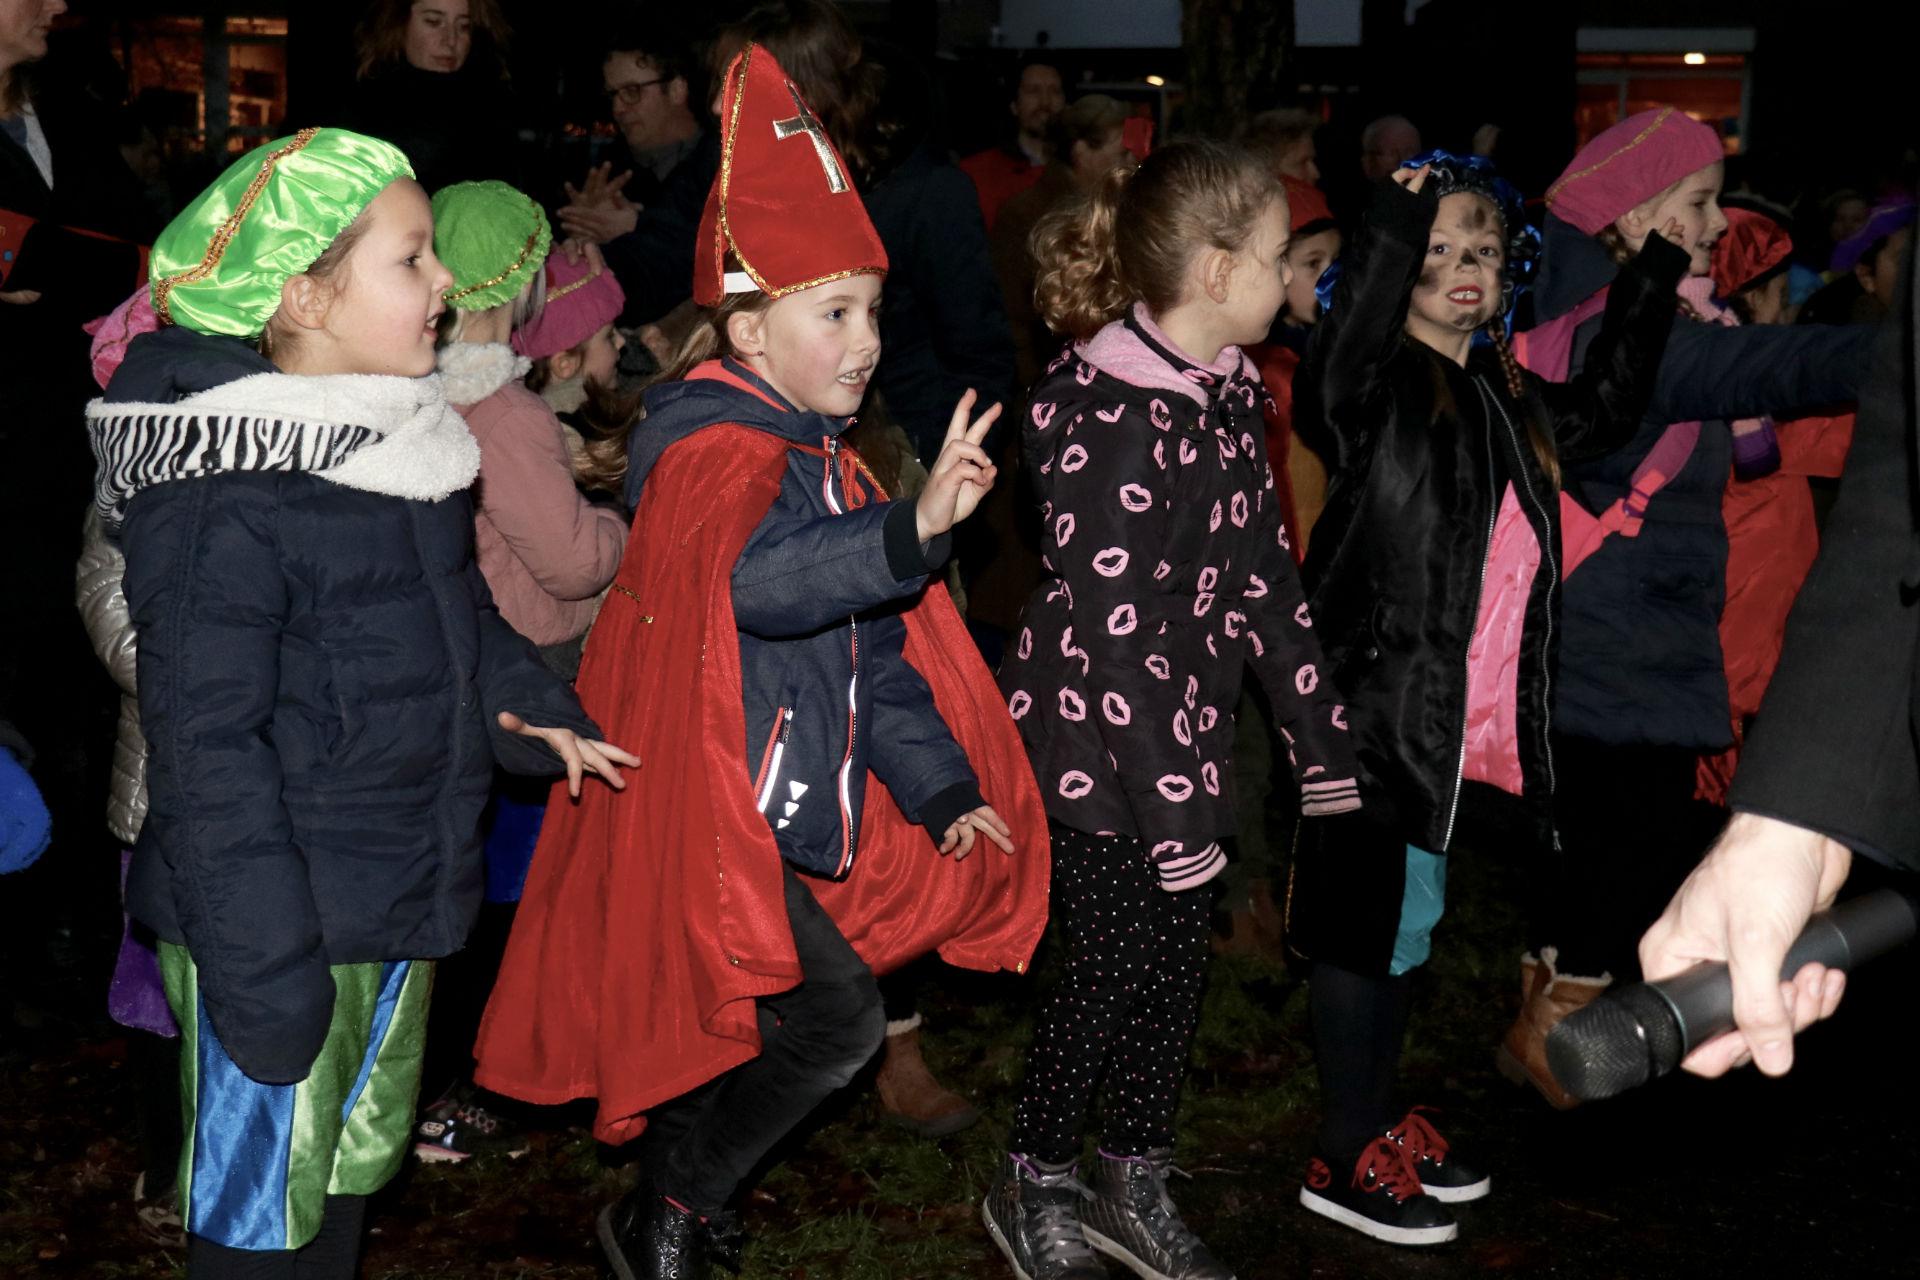 Sinterklaas Werd Ontvangen Met De Pieten Sinterklaas Move Edese